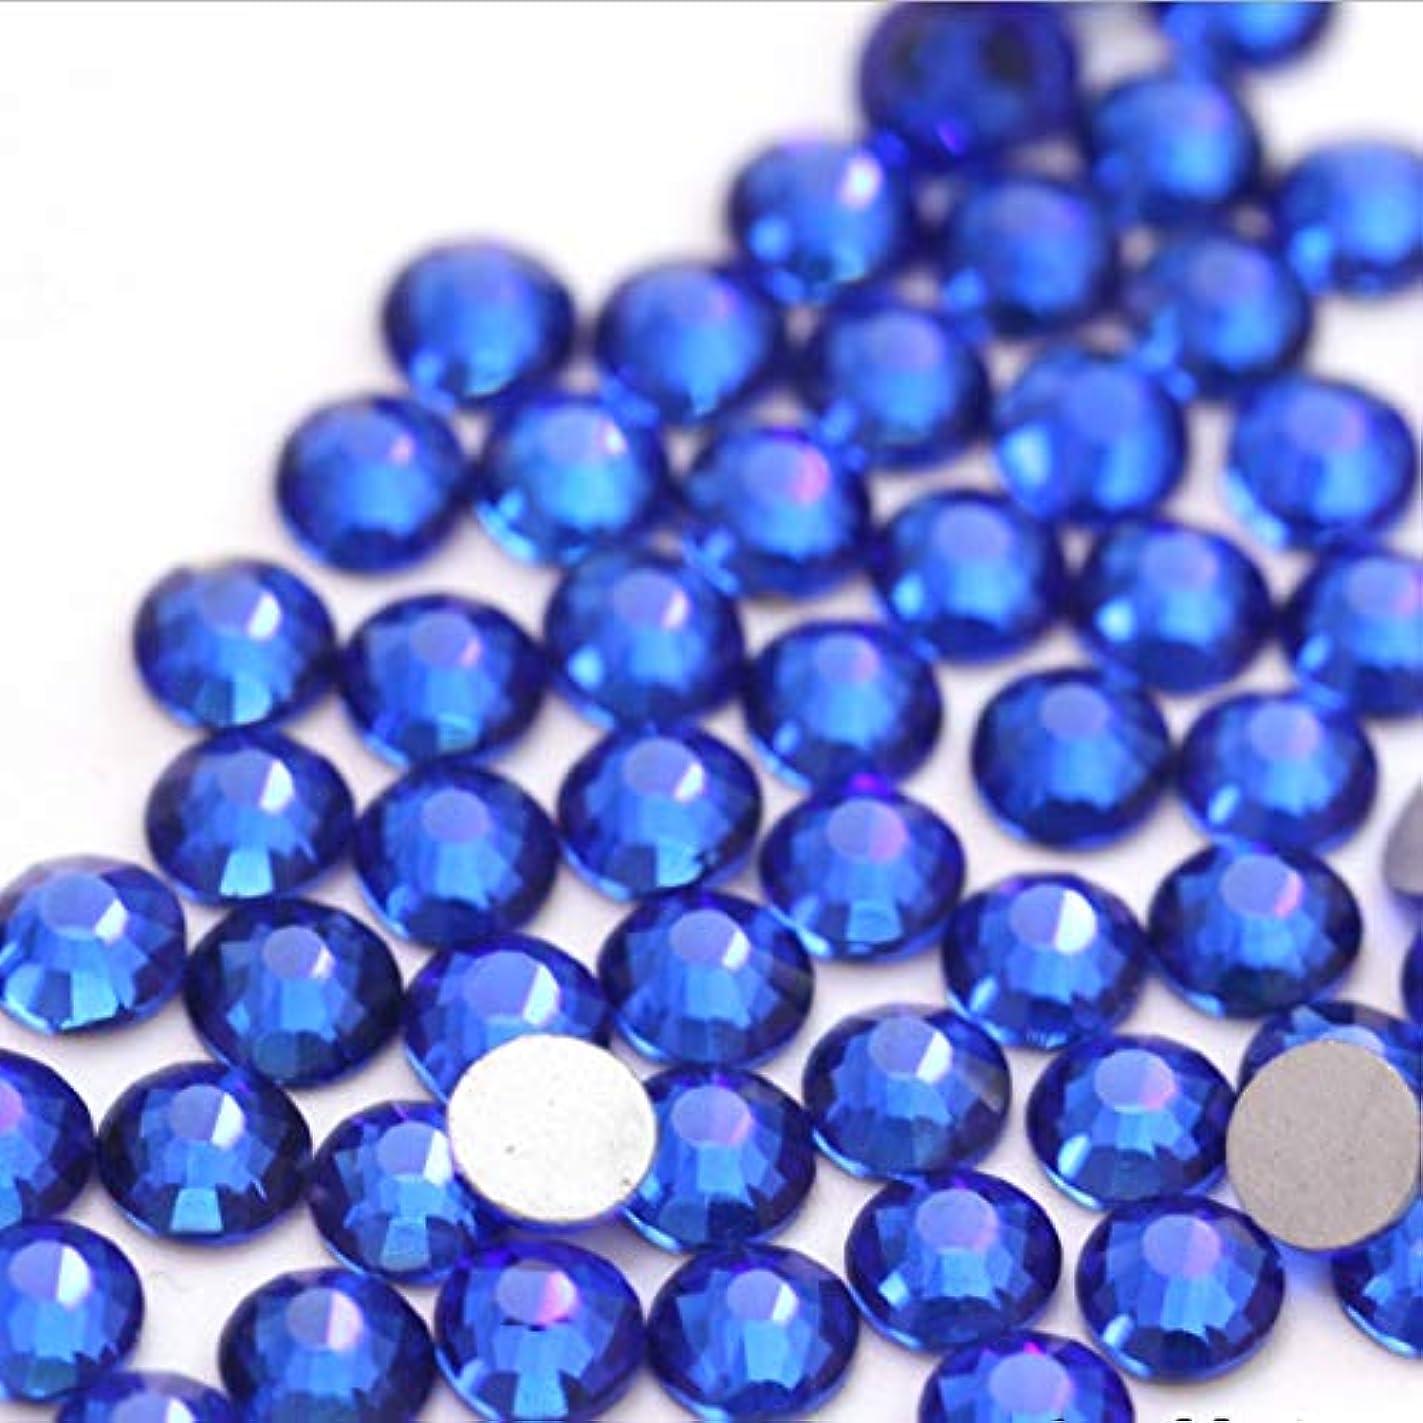 乏しいネコ刈る【ラインストーン77】 超高級 ガラス製ラインストーン SS4~SS30 サファイア スワロフスキー同等 (6.3mm (SS30) 約45粒)